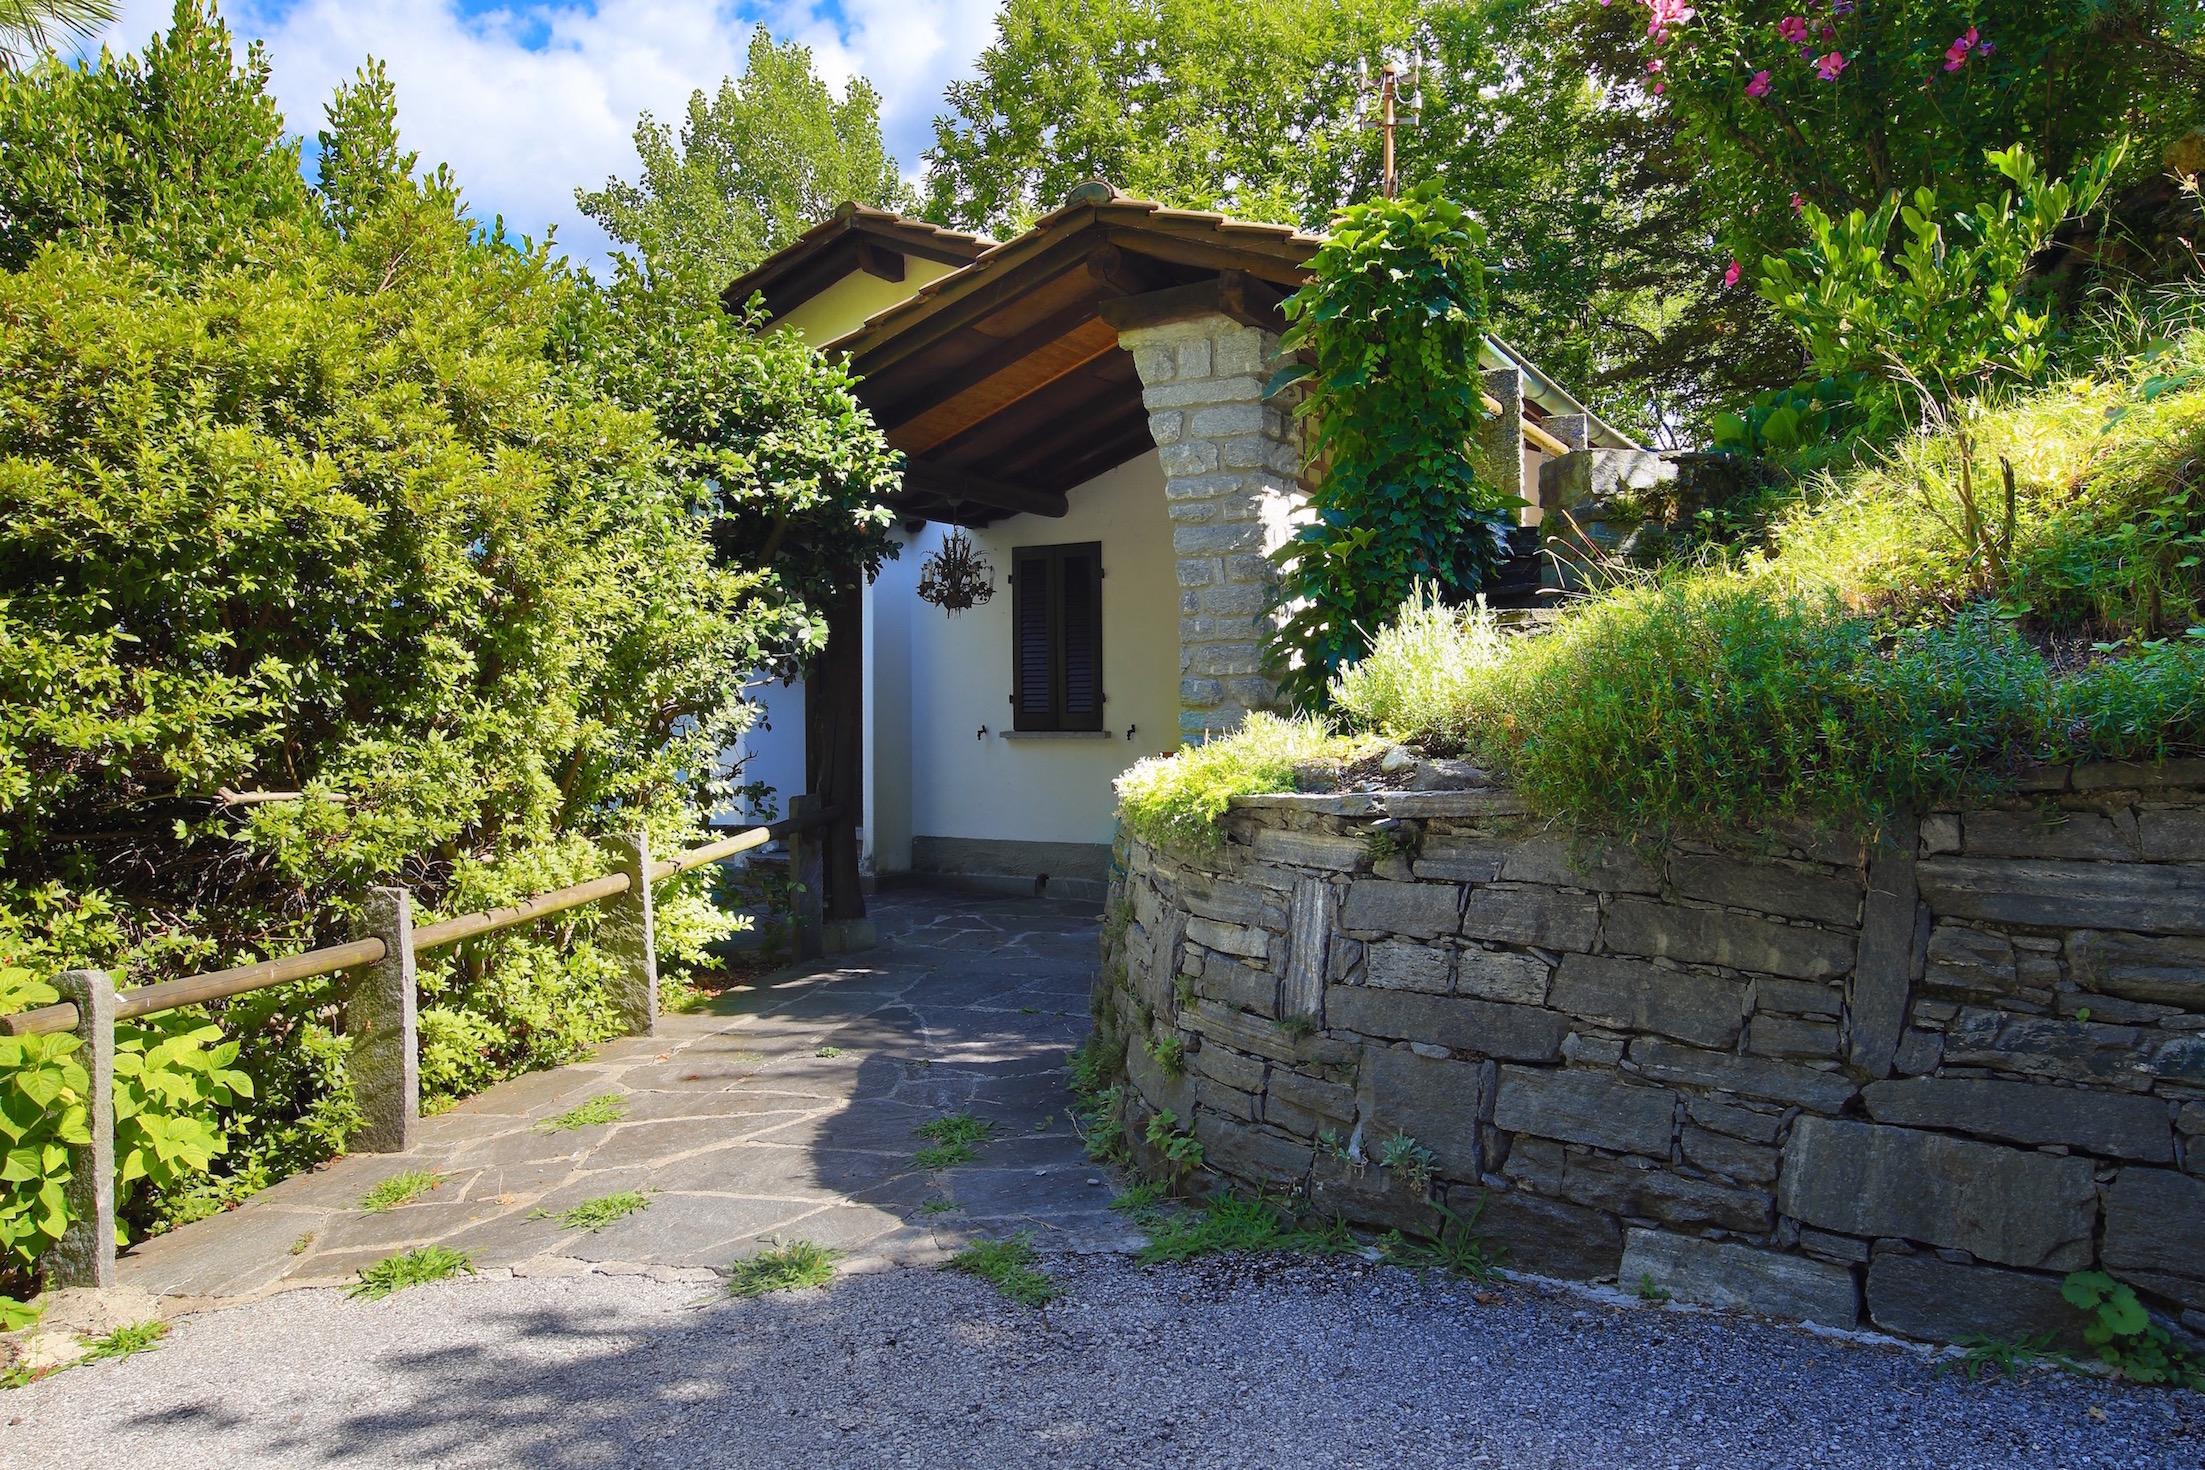 Immobiliare guerra locarno ticino svizzera casa con giardino paradisiaco - Case in affitto vigevano con giardino ...